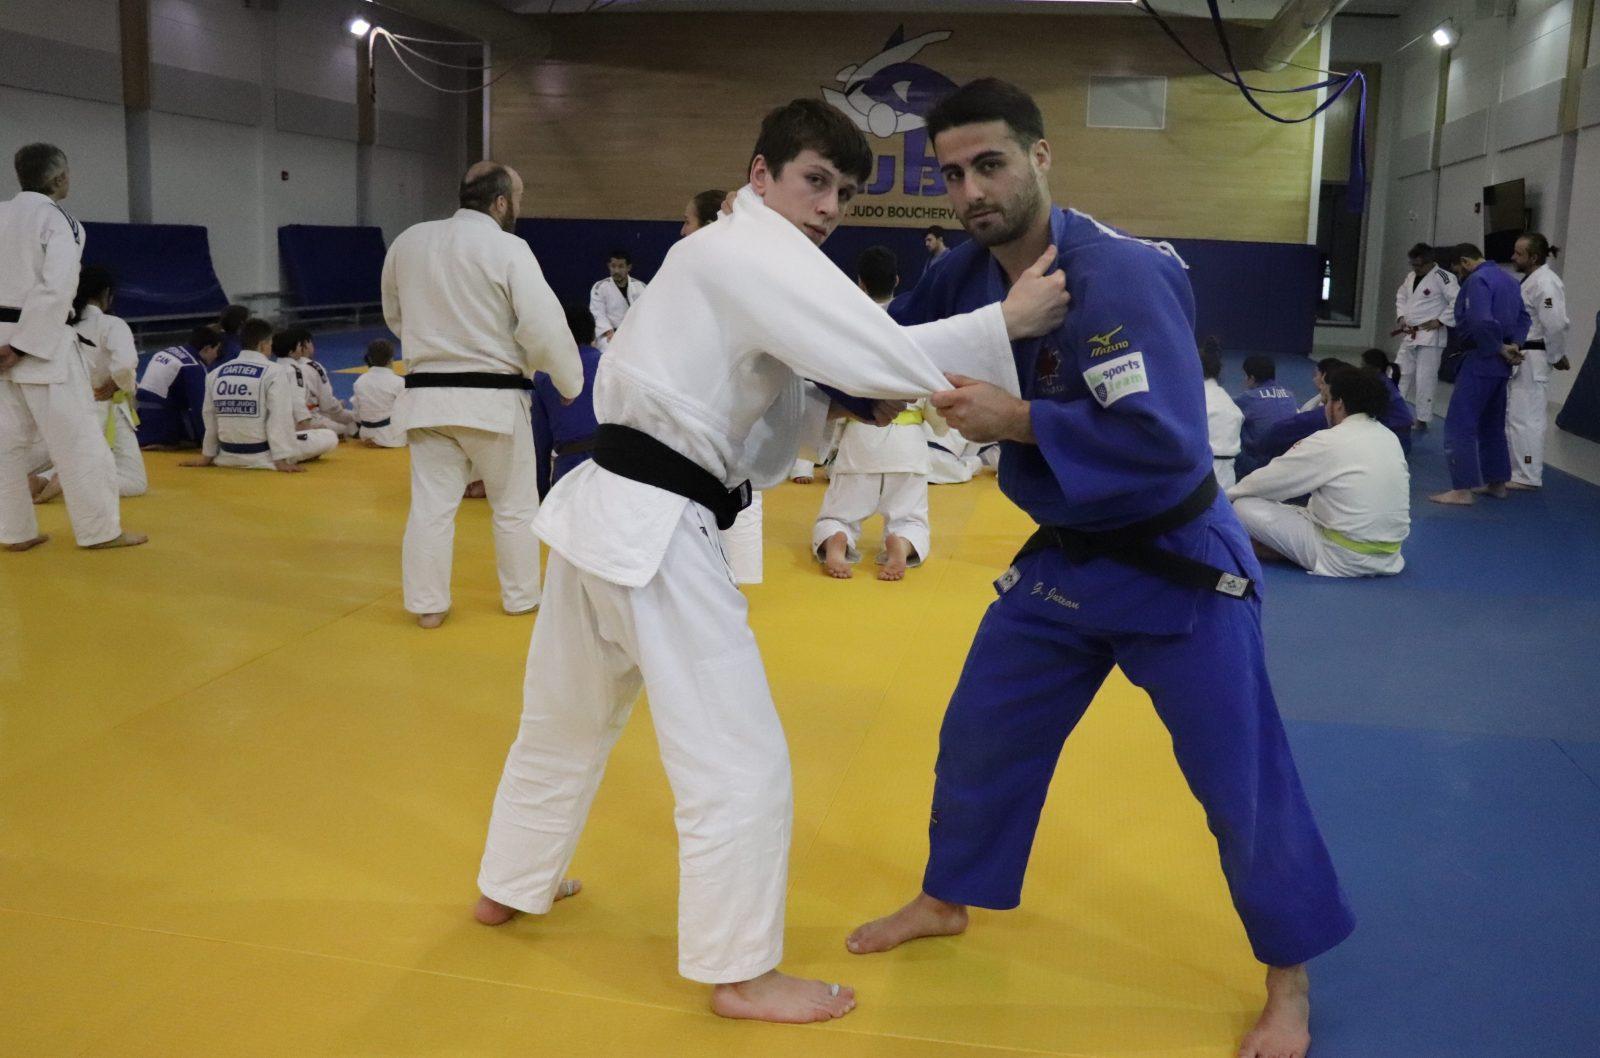 Le Club de judo de Boucherville, véritable machine à ceintures noires et à médailles depuis 50 ans